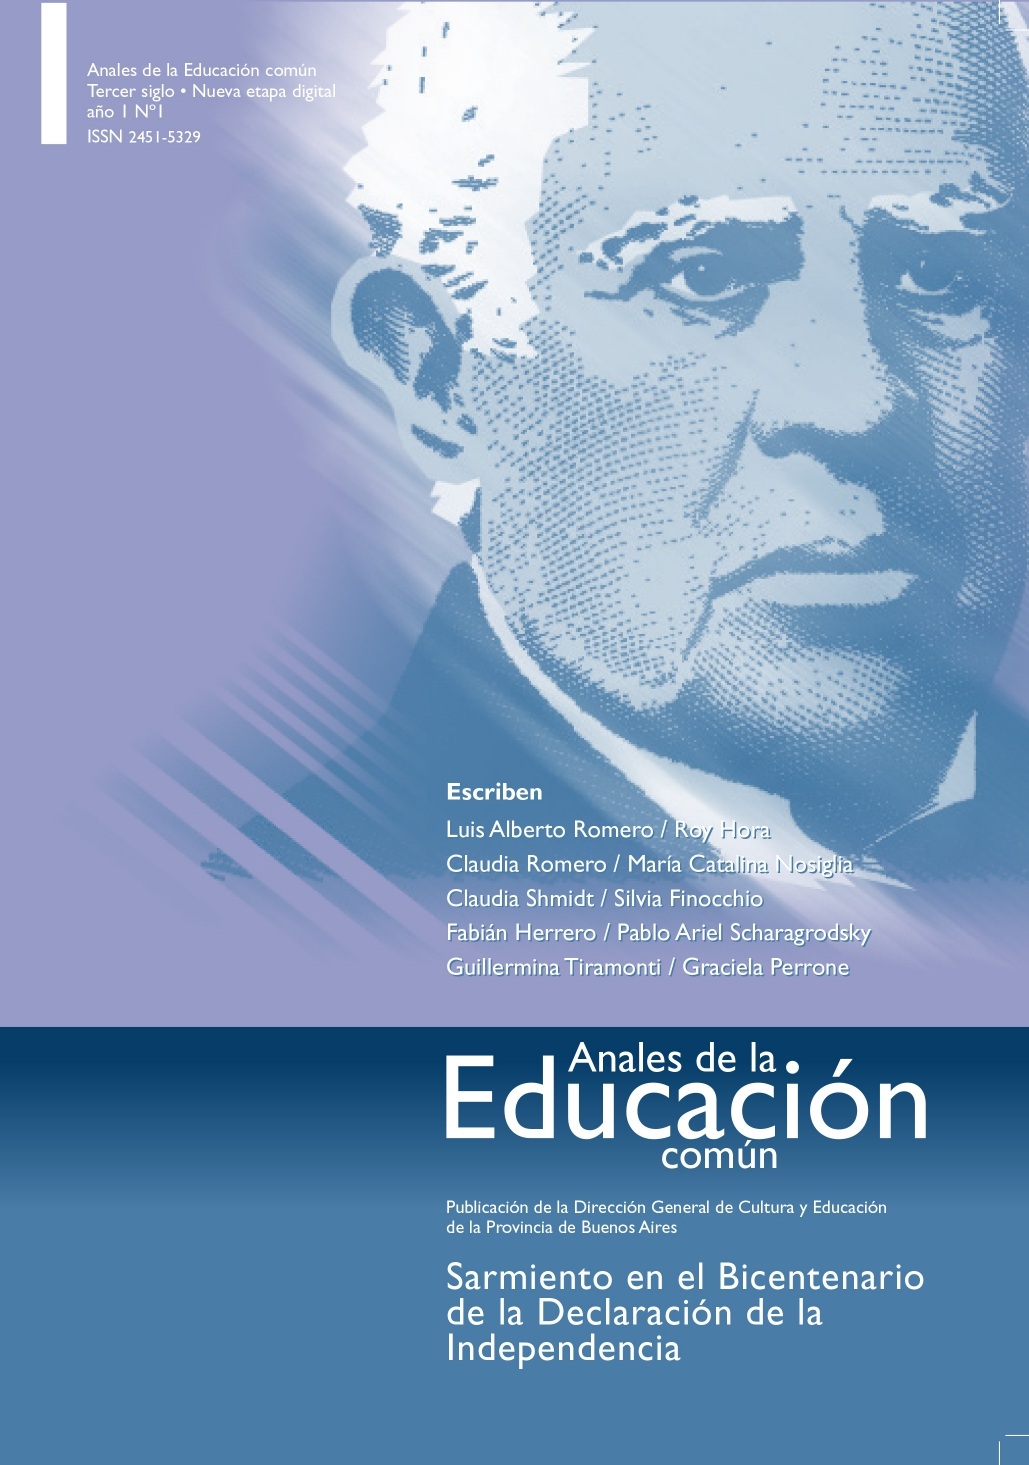 Tapa de la revista Anales de la Educación Común número 1. Sarmiento en el Bicentenario de la Declaración de la Independencia